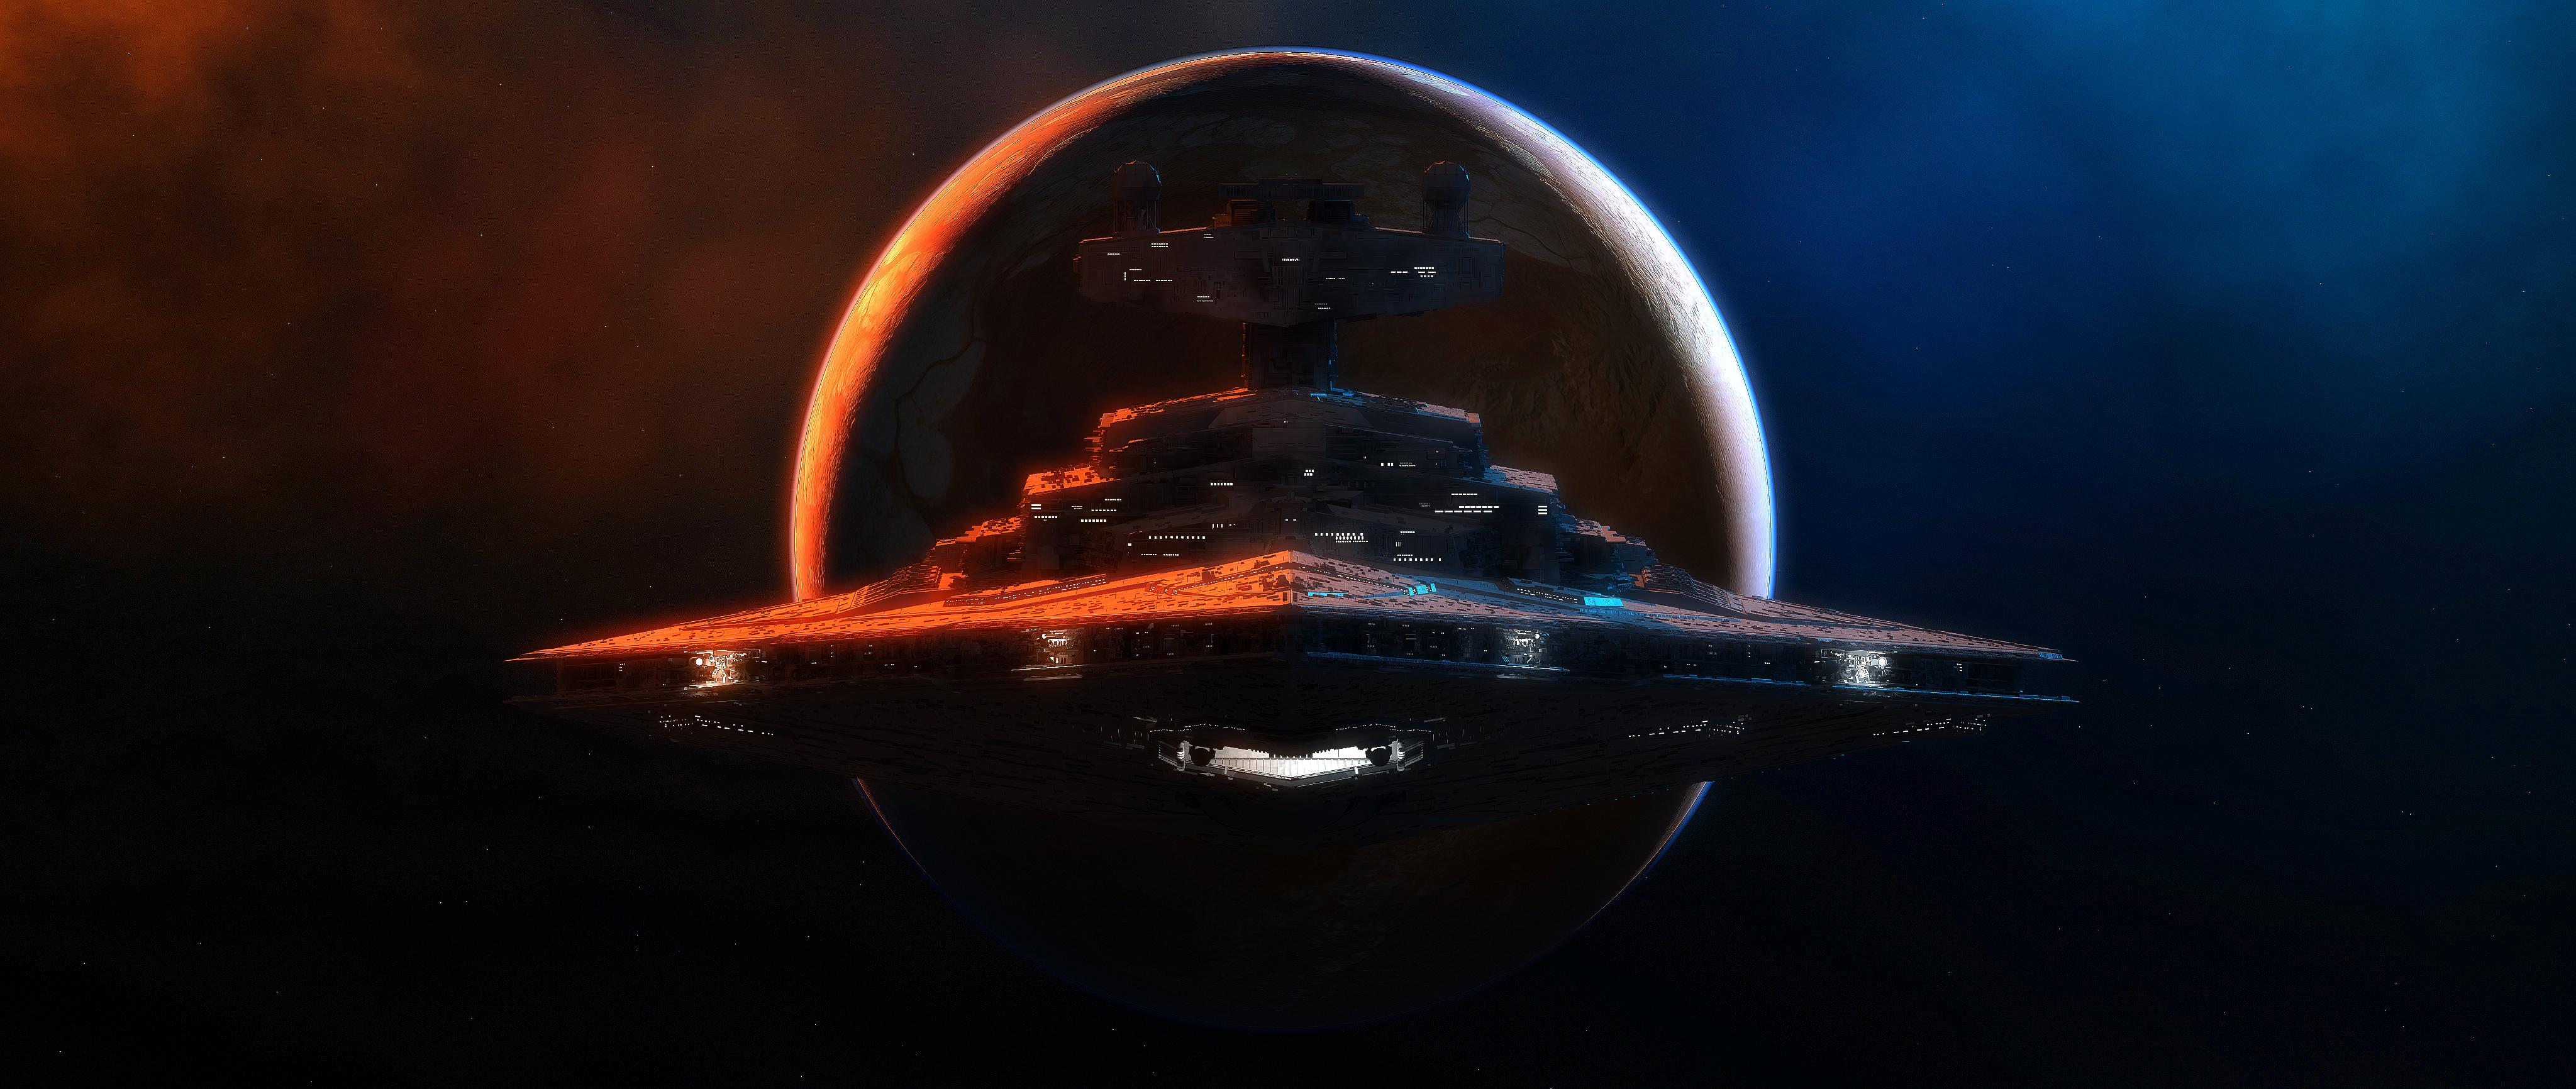 Planet Space Spaceship Star Destroyer Star Wars 4096x1732